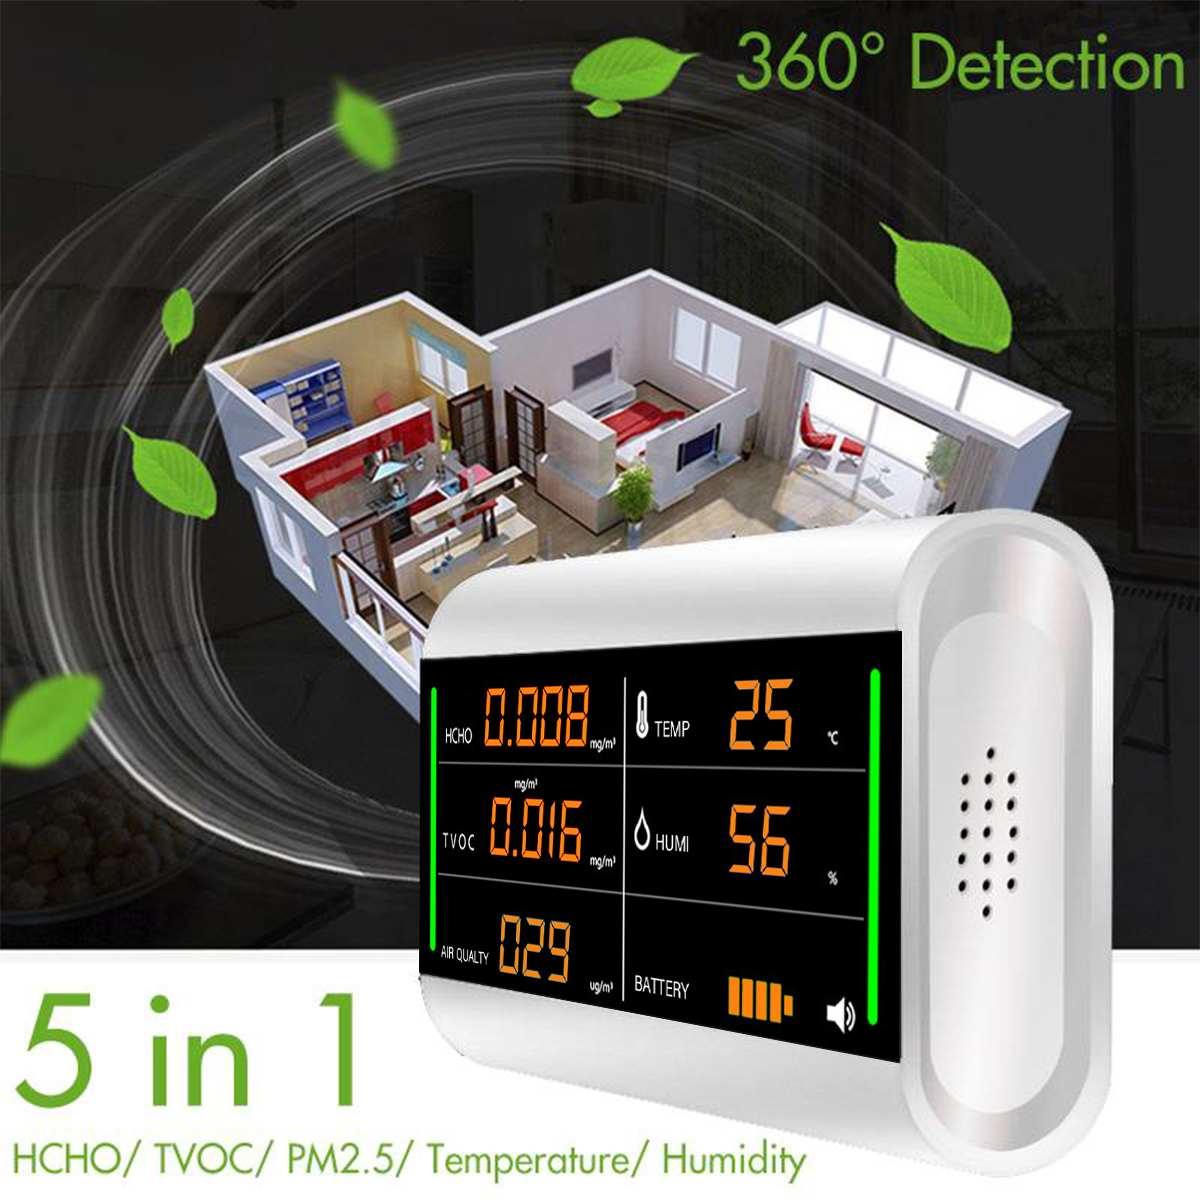 Moniteur de qualité de l'air à la maison détecteur de gaz testeur de formaldéhyde écran numérique USB covt HCHO benzène/poussière/température/humidité compteur